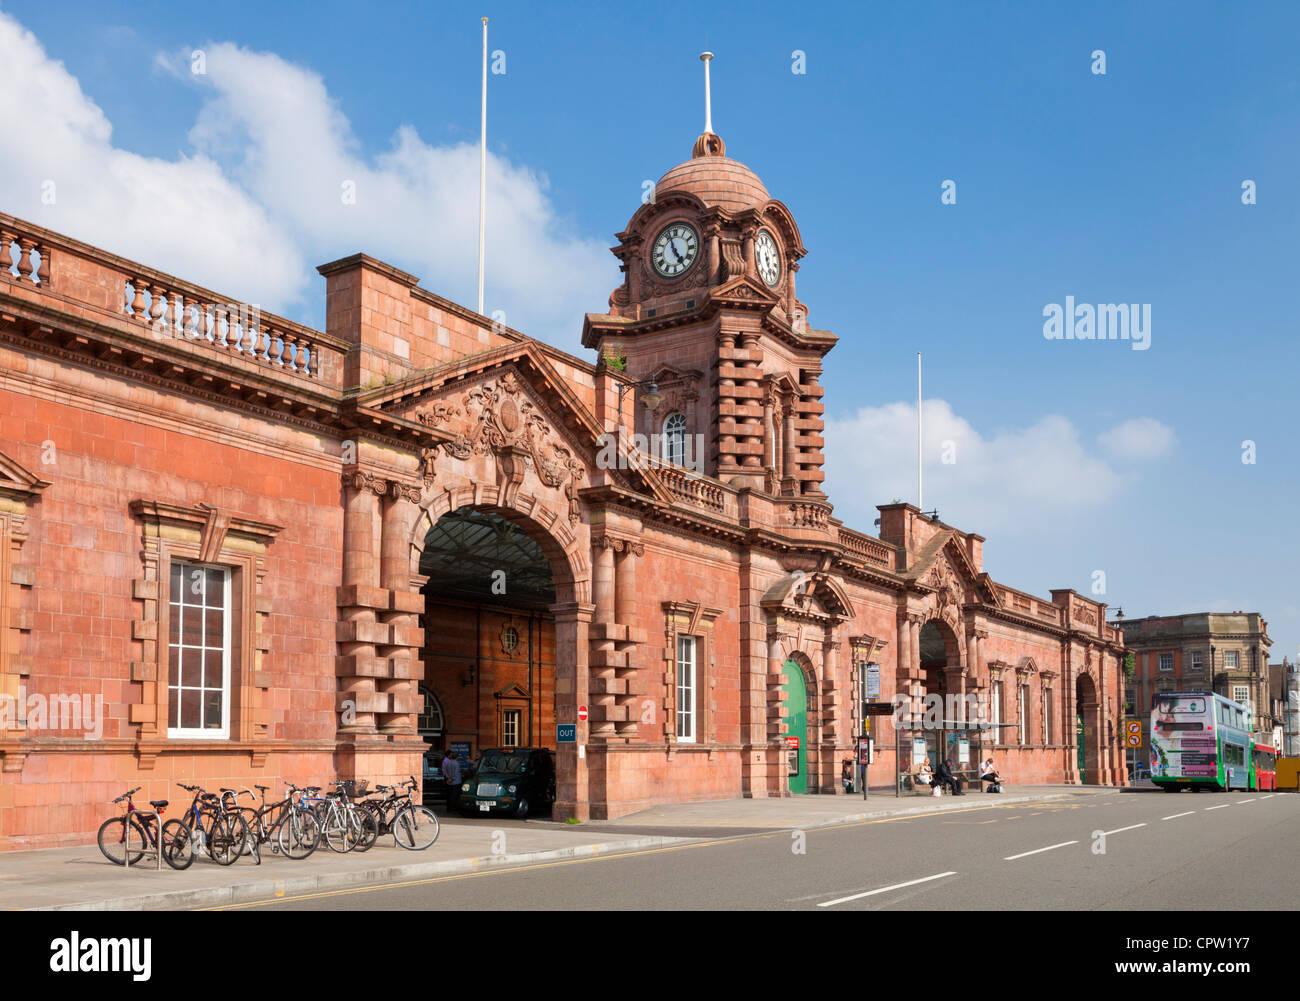 Nottingham midland railway station front entrance Nottingham Nottinghamshire East Midlands England GB UK EU Europe - Stock Image